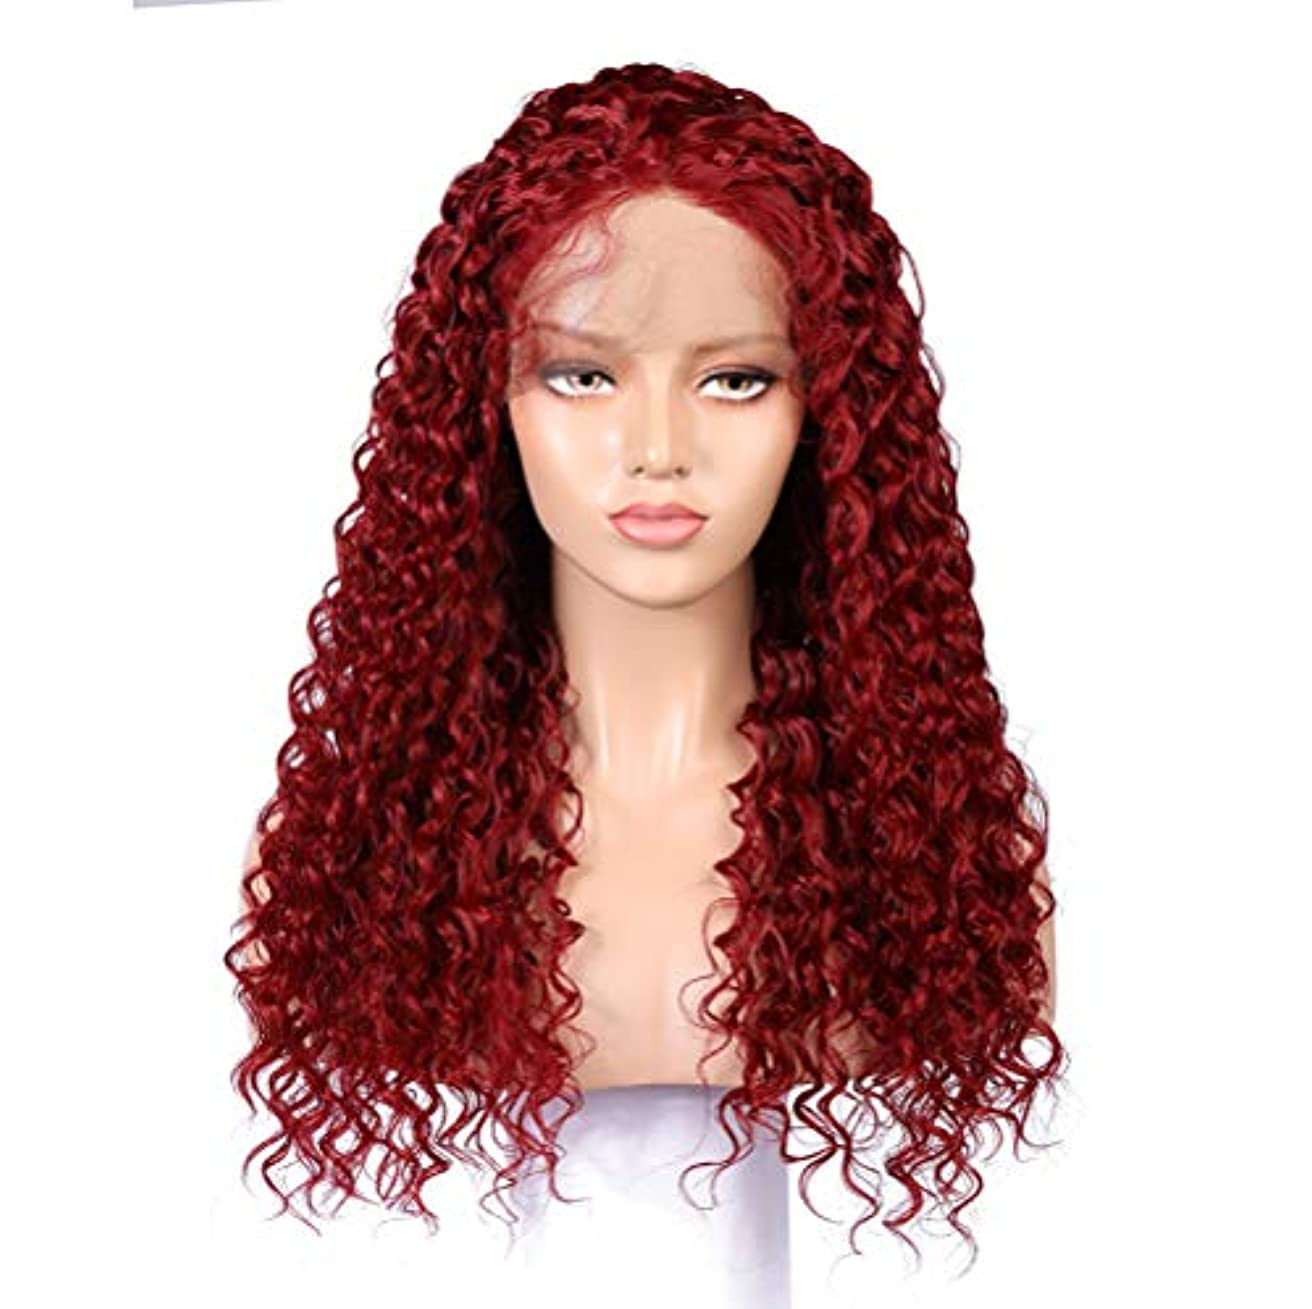 ヒープ呪われた幻想レディースフロントレースブラジル髪カーリーロング合成かつら耐熱変態カーリーウィッグ